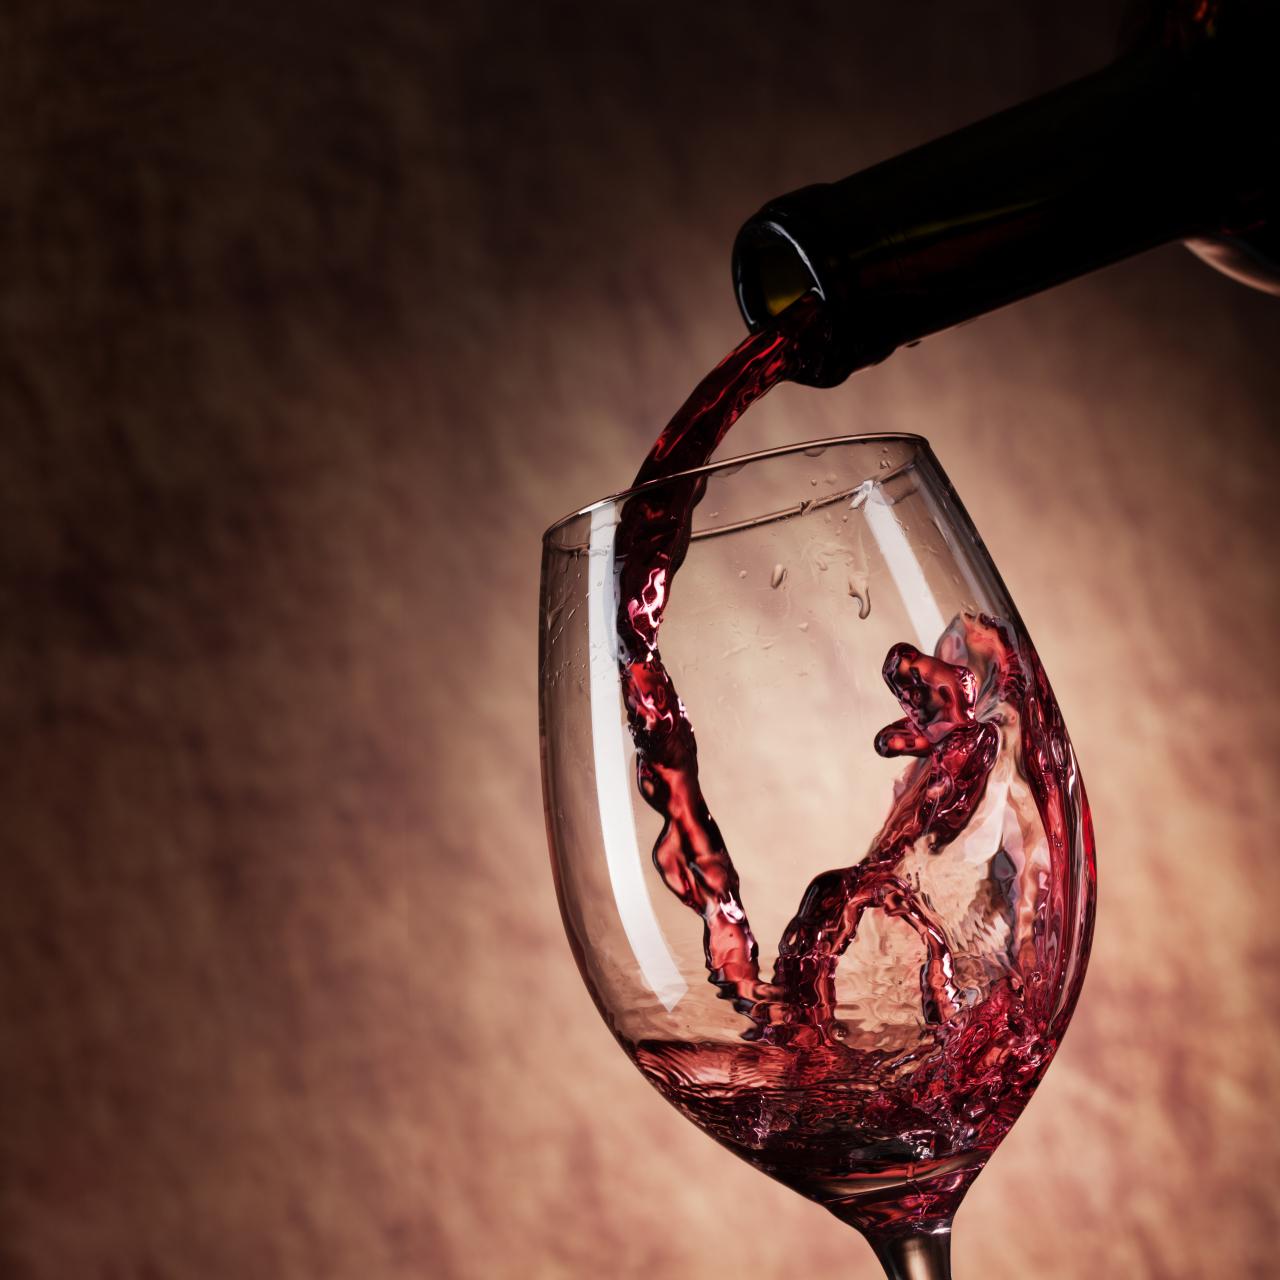 siti di incontri per gli amanti del vino Gumtree datazione Newcastle